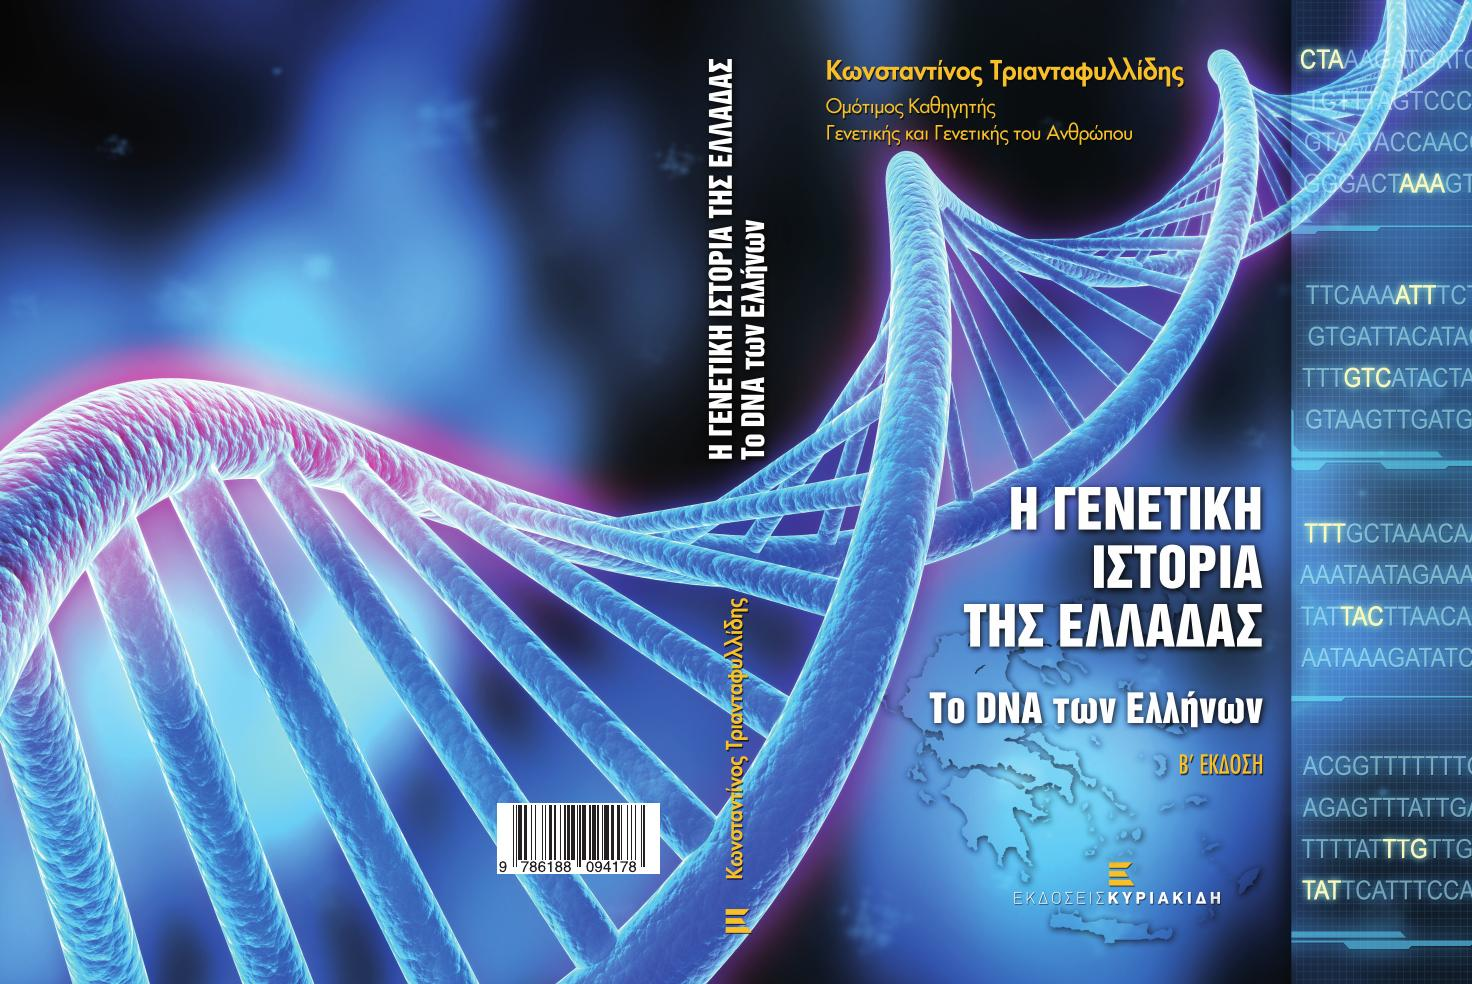 Το DNA των Ελλήνων - Παρουσίαση βιβλίου